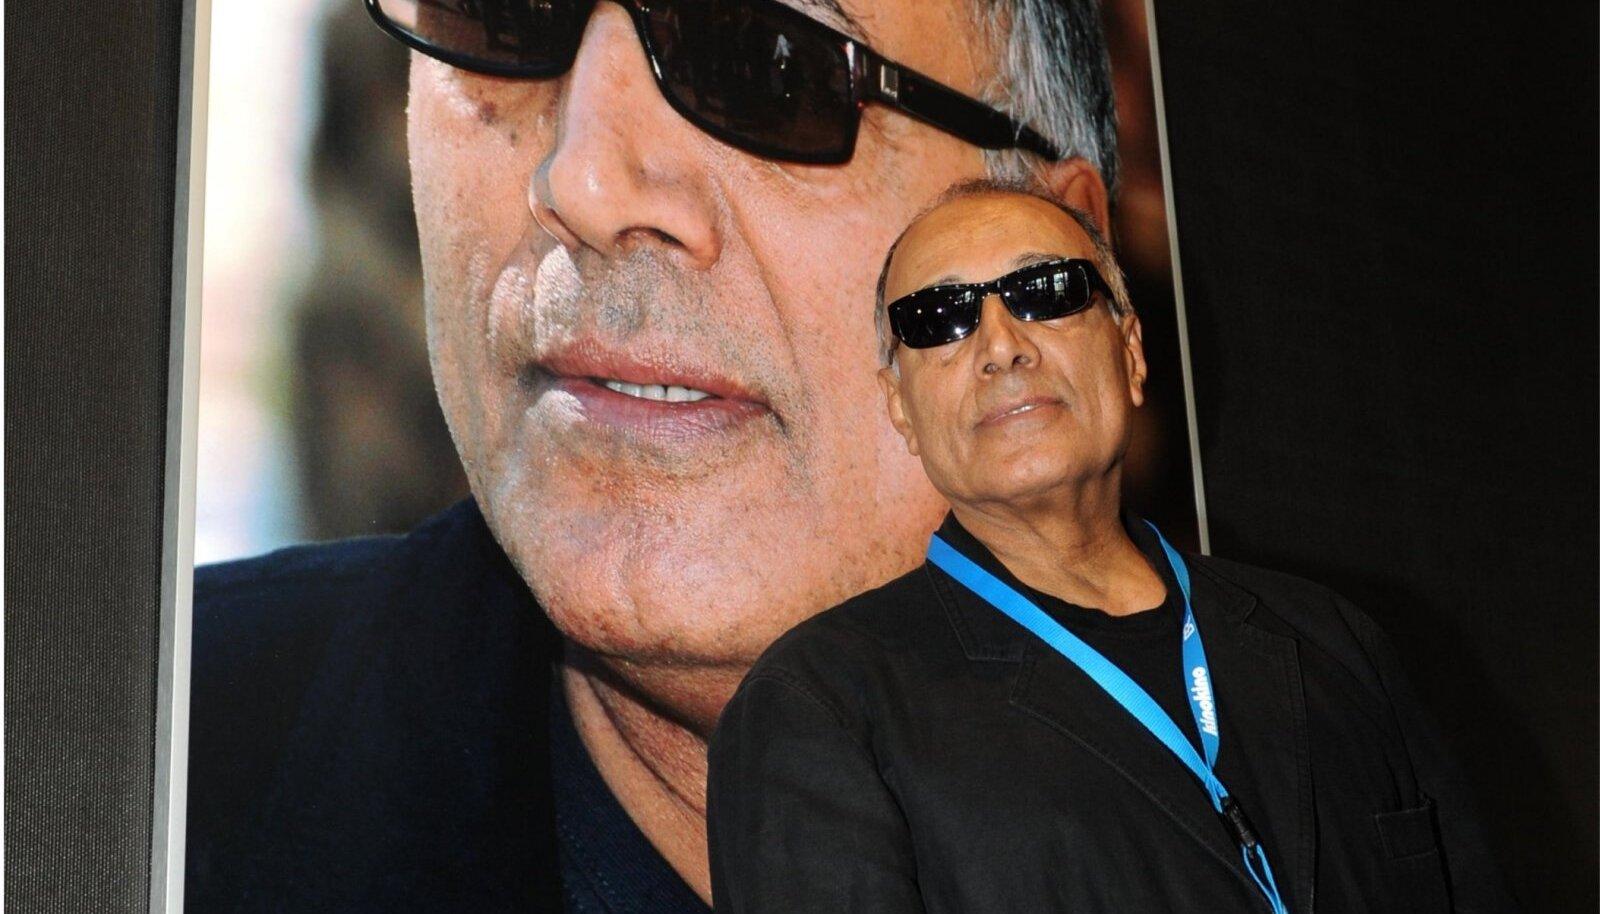 IRAANI KINO SÄRAV TÄHT: Abbas Kiarostami.